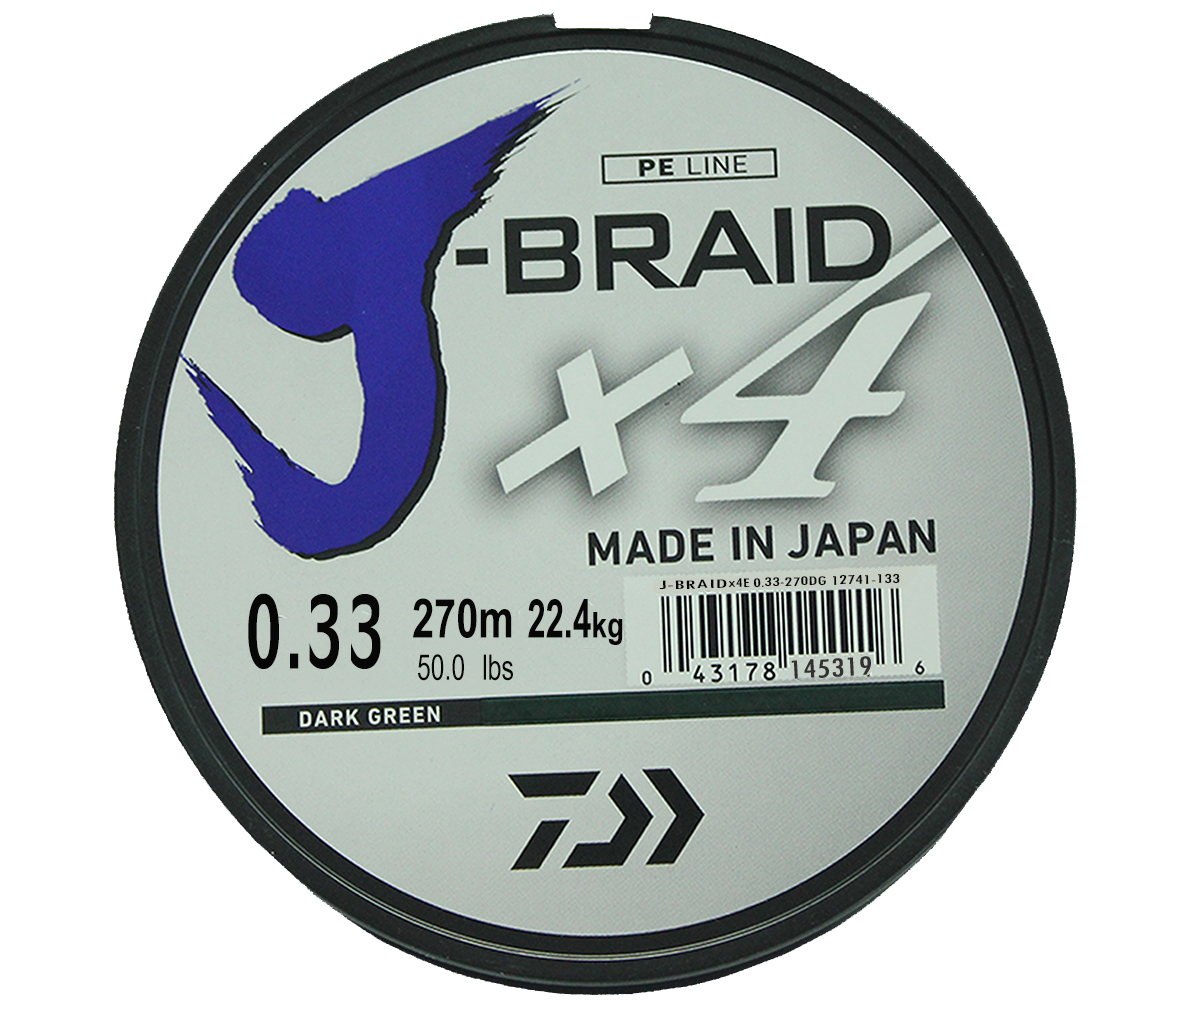 Шнур плетеный Daiwa J-Braid X4, цвет: зеленый, 270 м, 0,33 мм61177Новый четырехжильный шнур J-Braid от Daiwa - шнур высокого класса с удивительным соотношением цены и качества. Качество плетения полностью соответствует японским стандартам и удовлетворяет всем требованиям. Представленные диаметры позволяют использовать шнур для всех техник ловли, начиная от Ultra-Light ловли окуня, до морской ловли палтуса, трески и так далее.